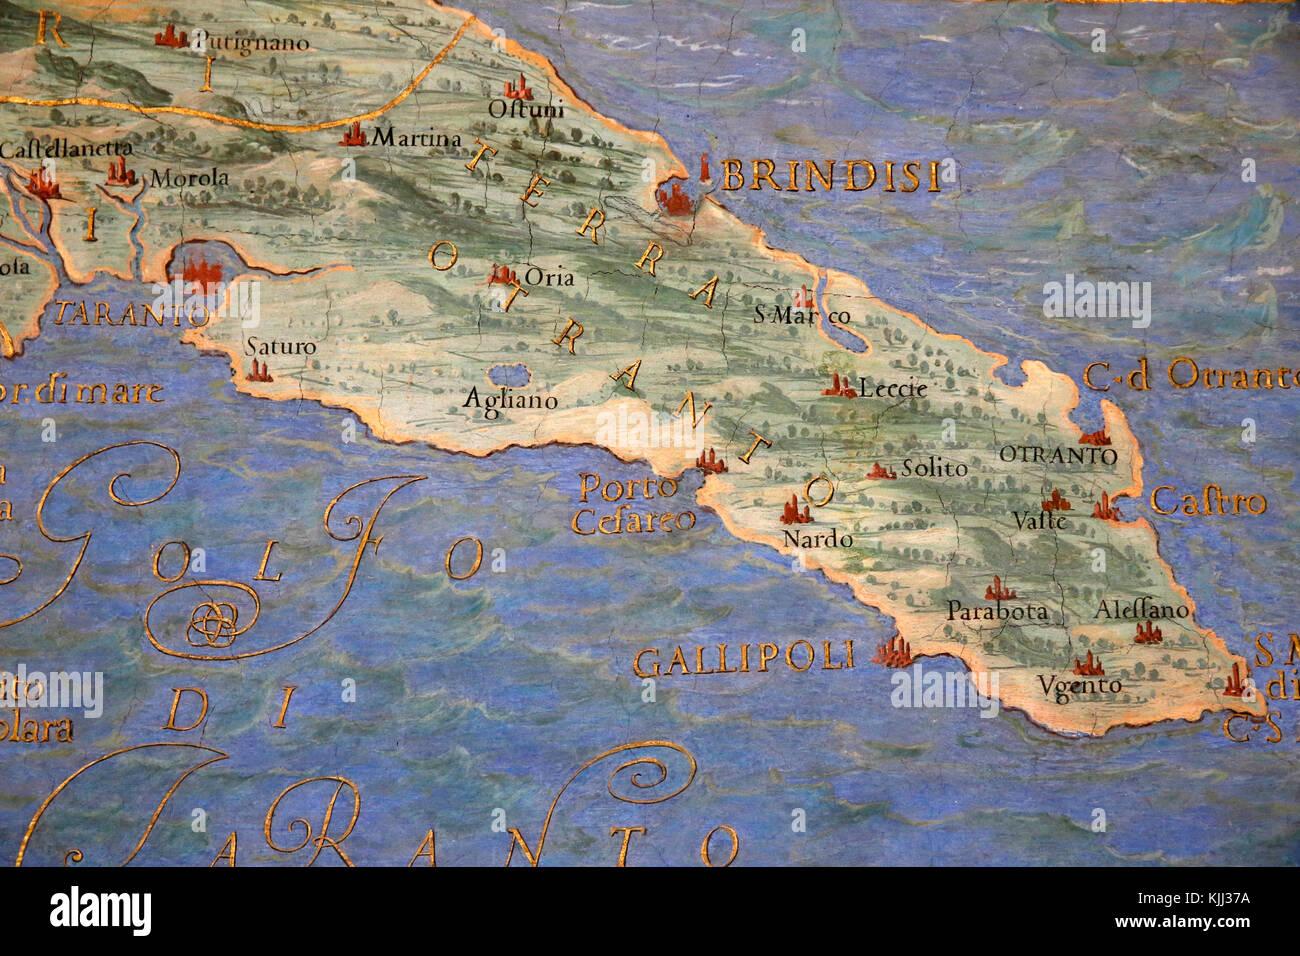 Brindisi Cartina Geografica.Musei Vaticani A Roma Dettaglio Di Una Mappa Nella Galleria Di Mappe La Puglia L Italia Foto Stock Alamy